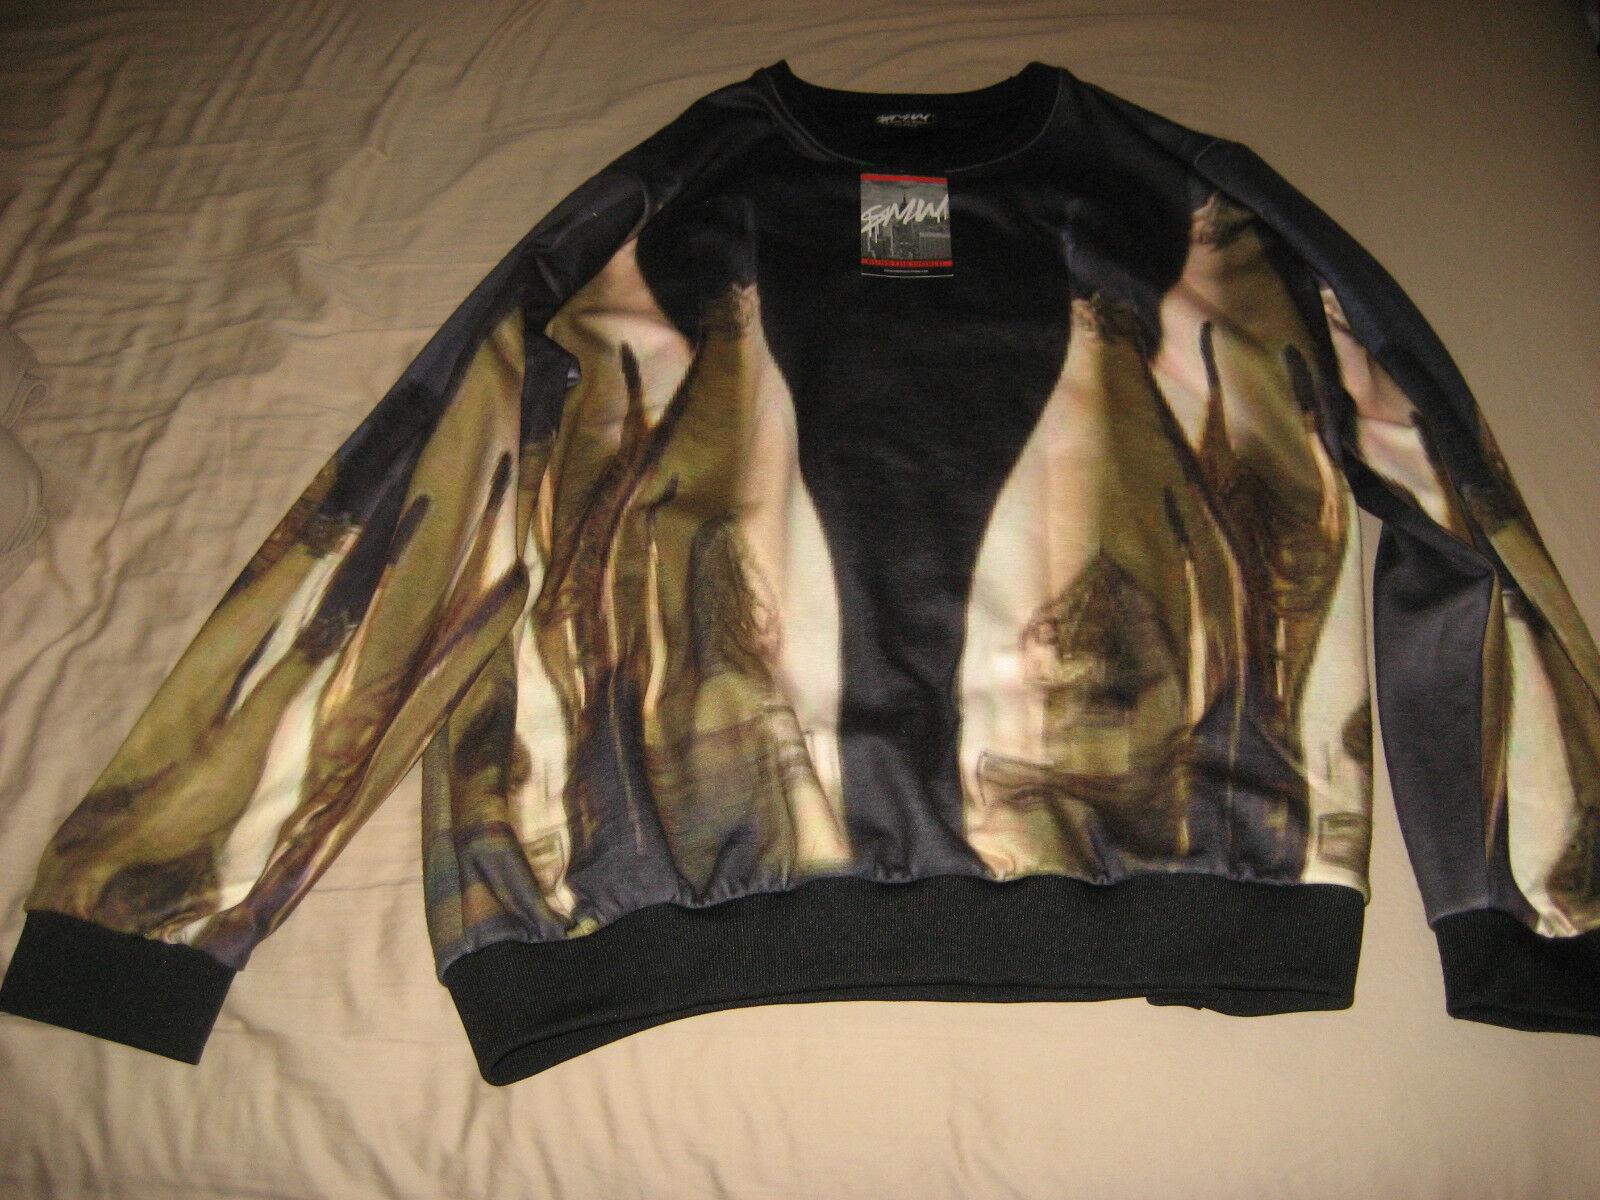 SMW 4X Large Hip Hop Shirt